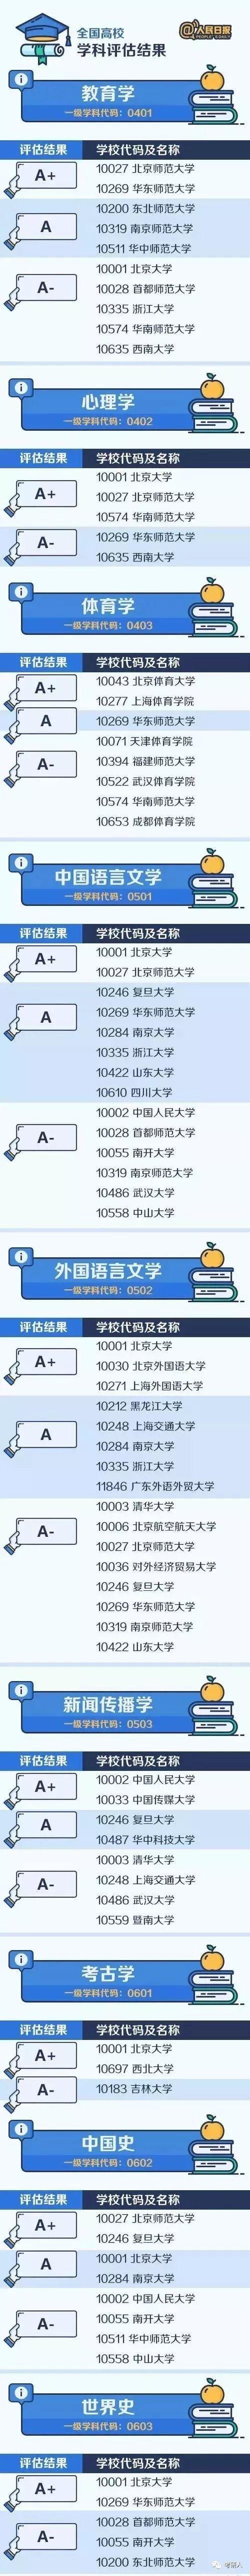 (考研)中国大学最顶尖的学科名单汇总!